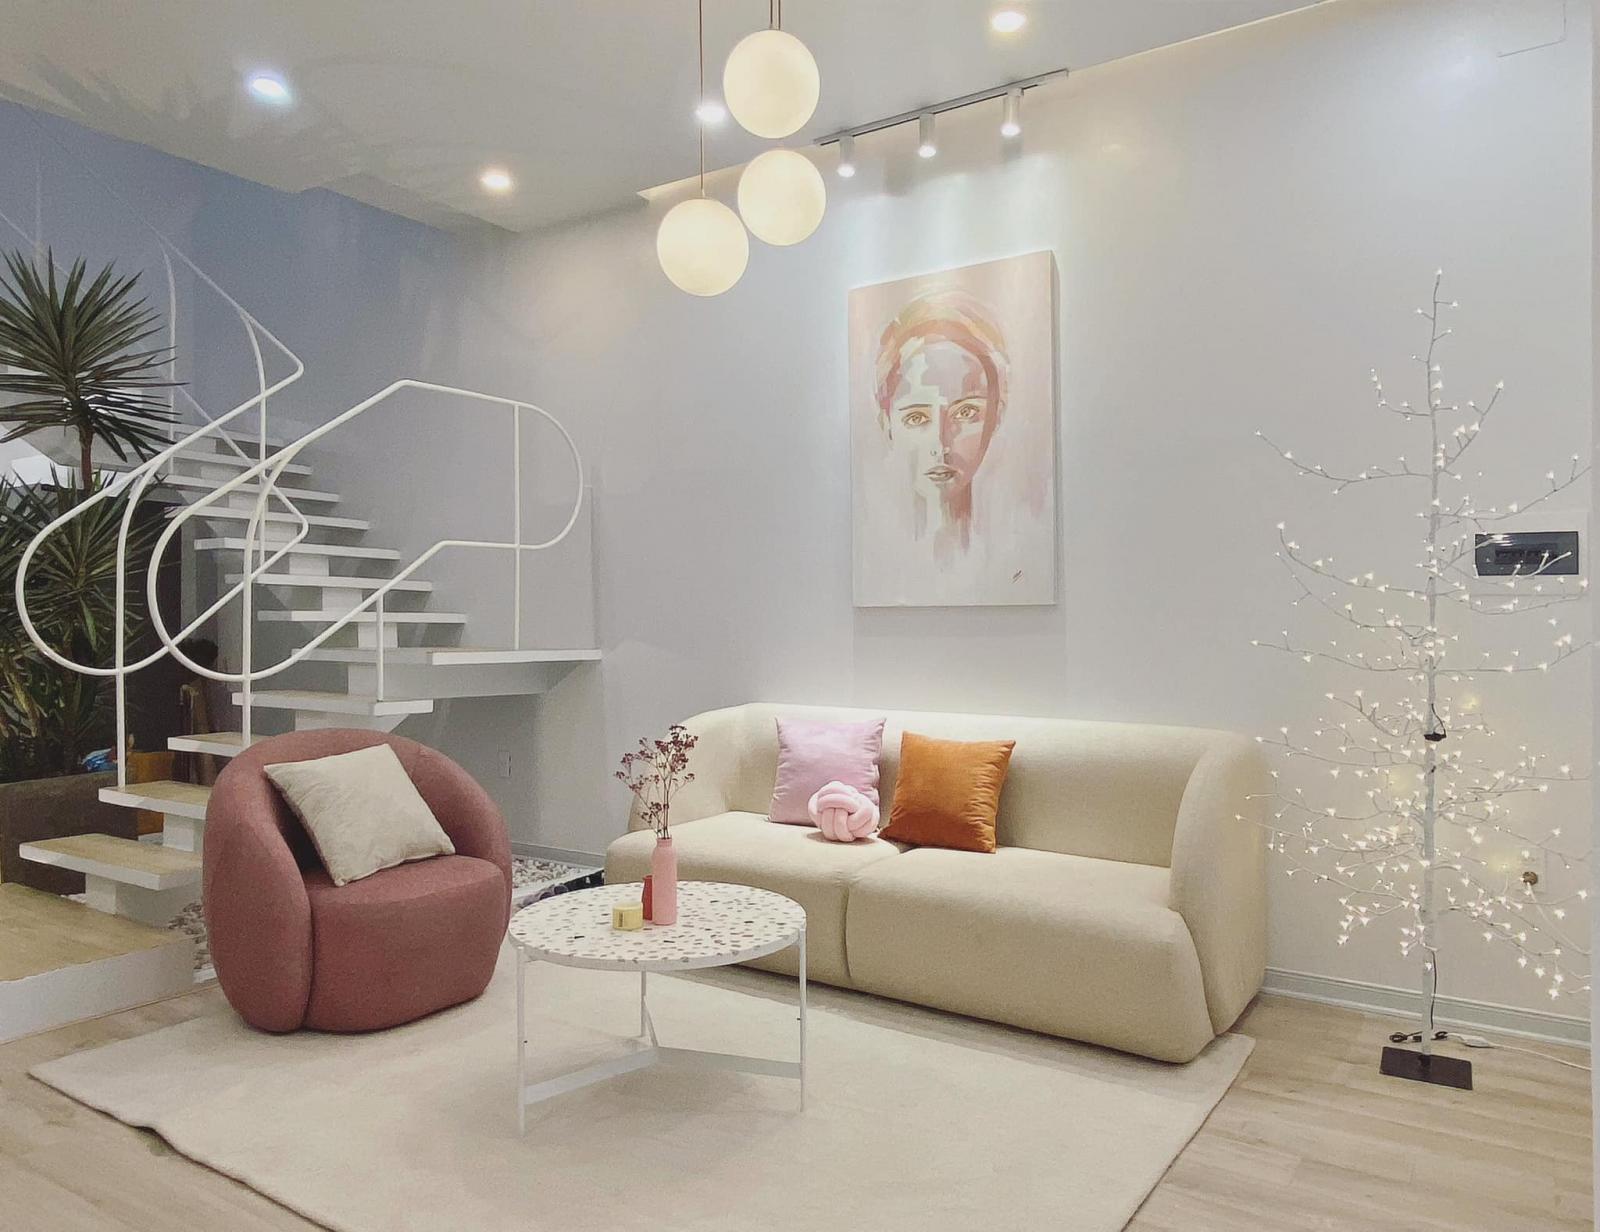 Phòng khách hiện đại với những gam màu nữ tính